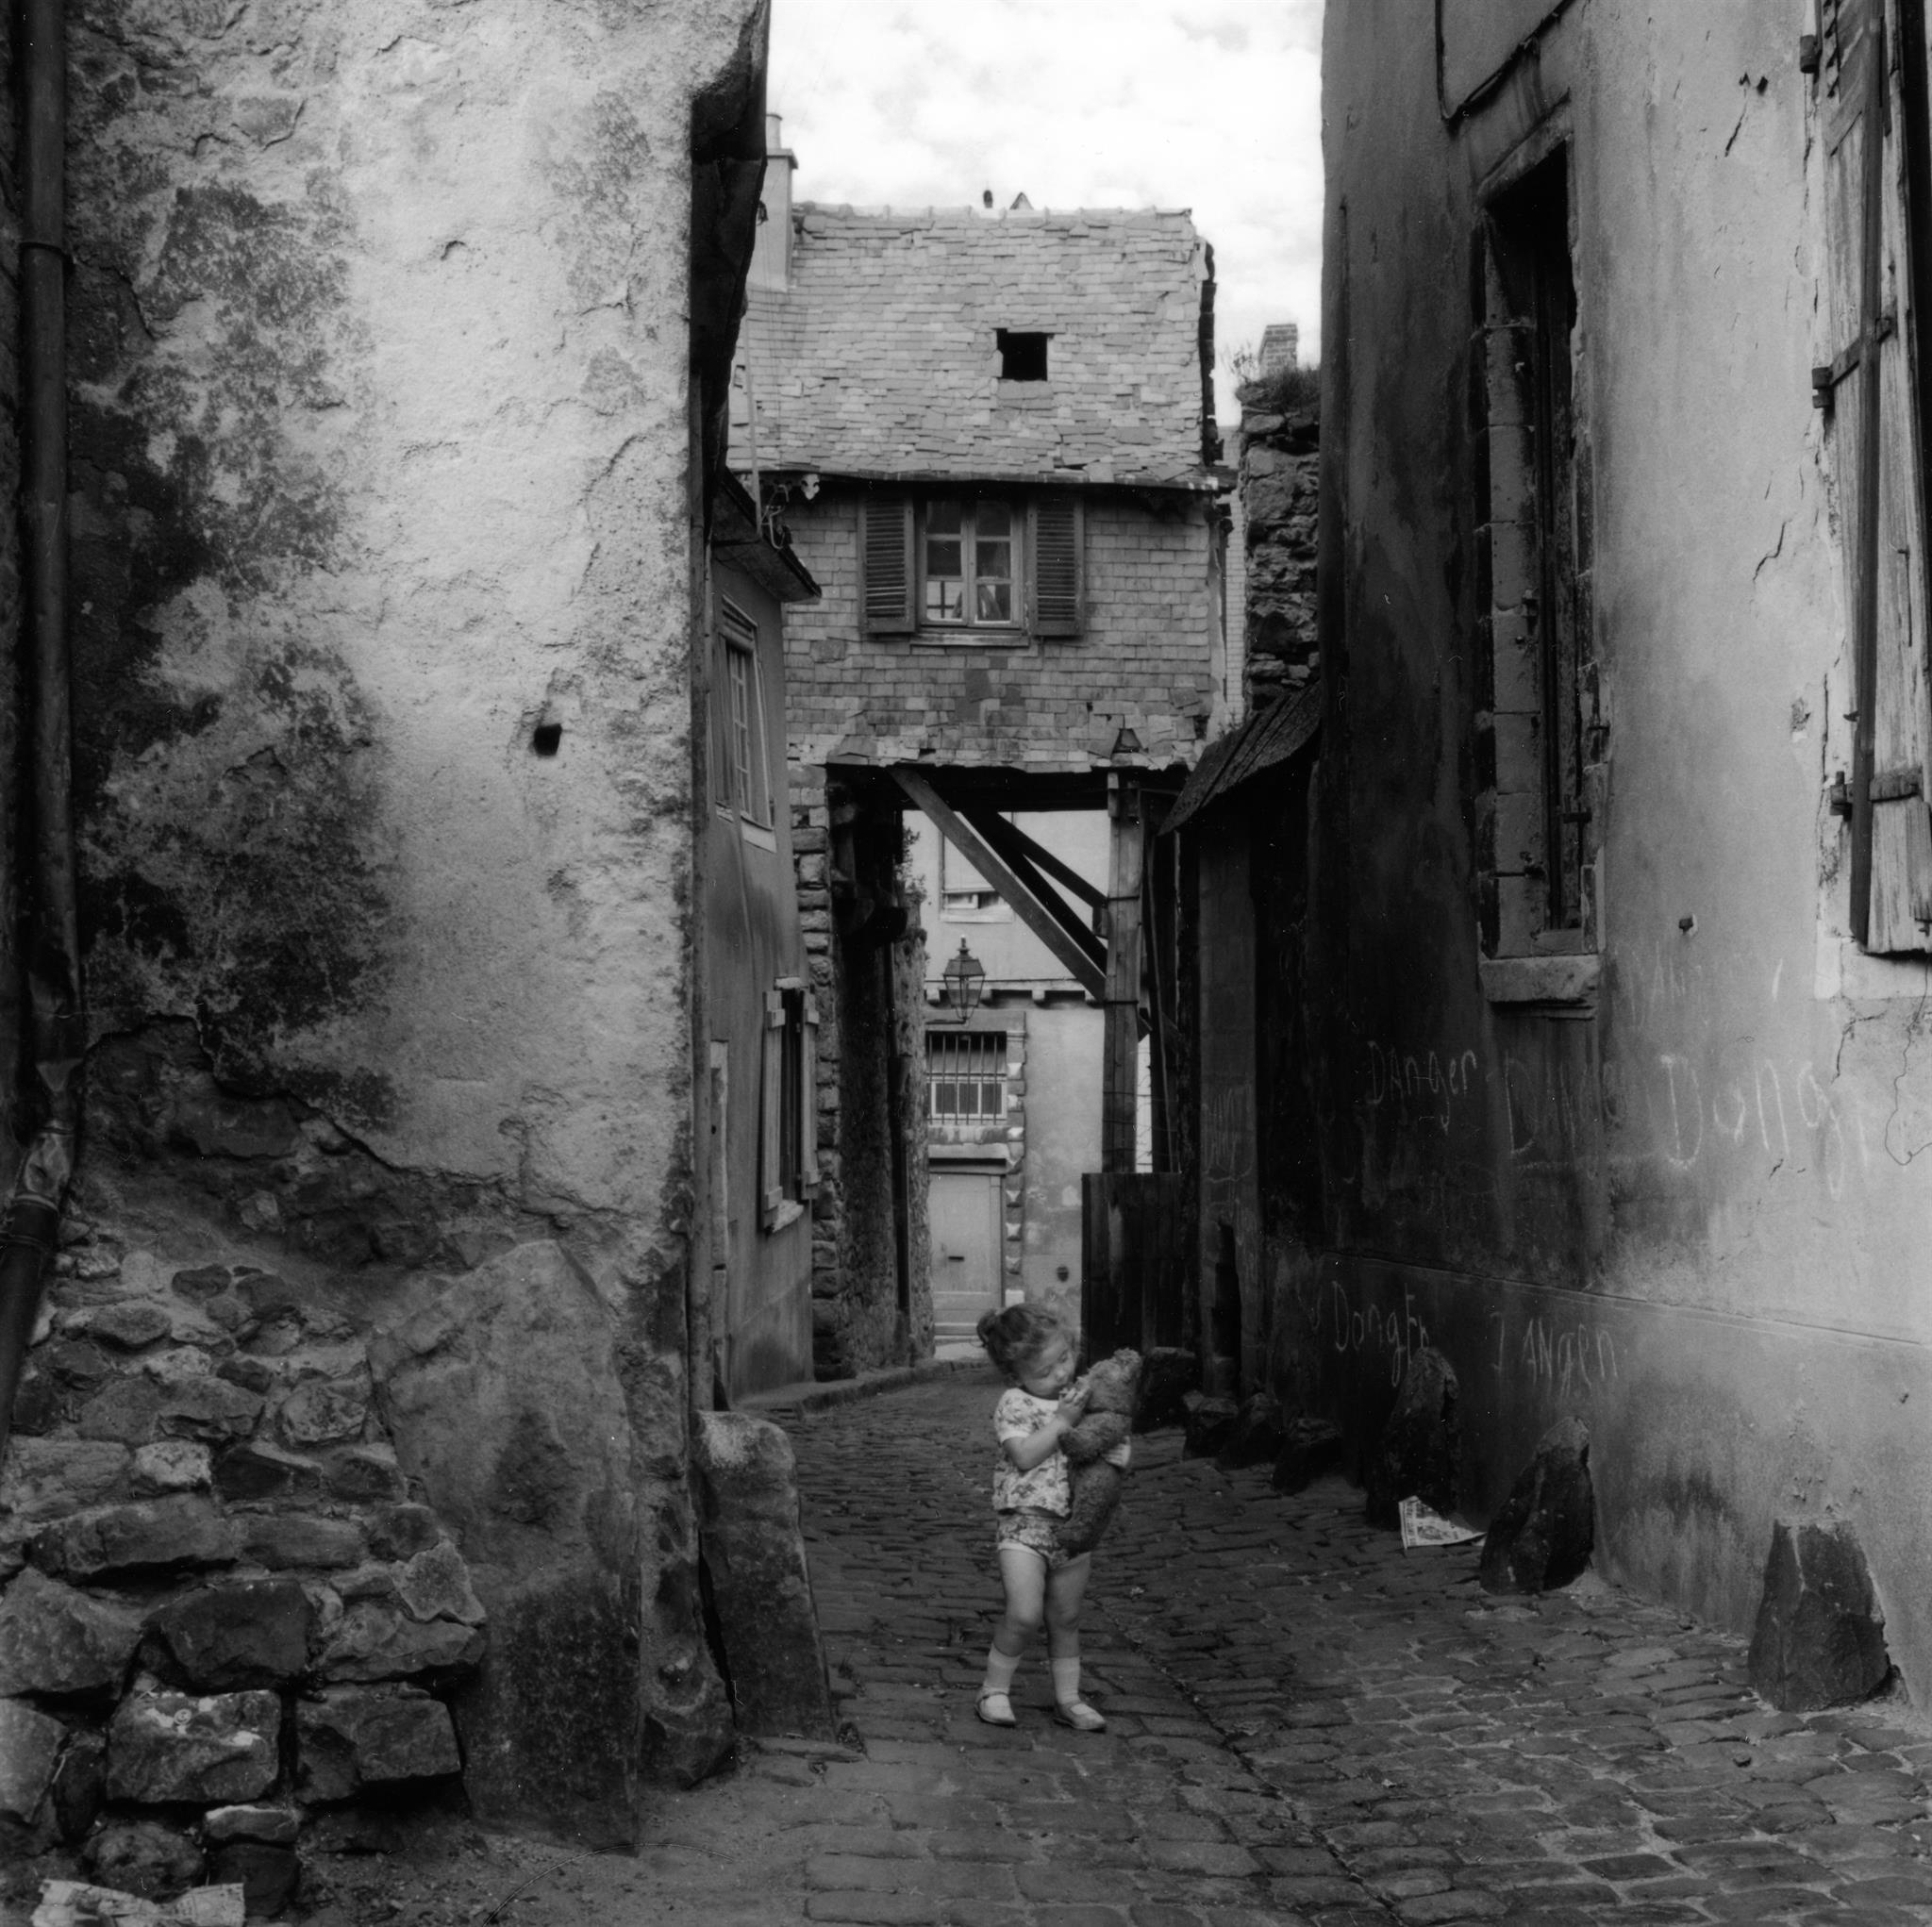 1962. Маленькая девочка, играющая на улице старого города в Ле-Мане